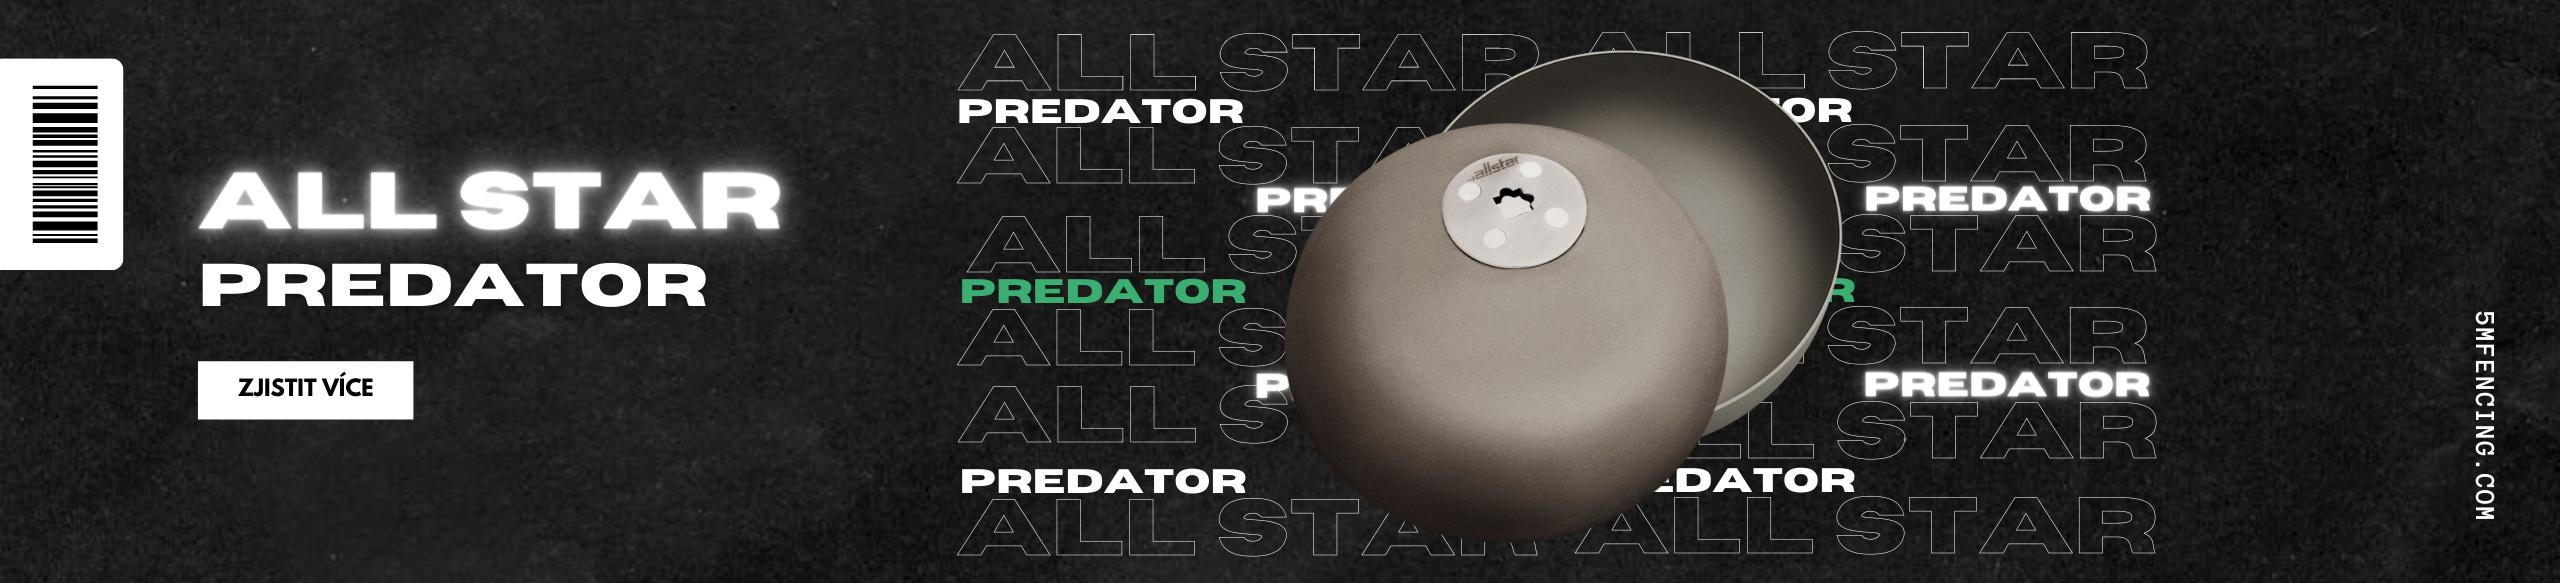 Nové exkluzivní číšky Allstar Predator pro kord, fleret i šavli